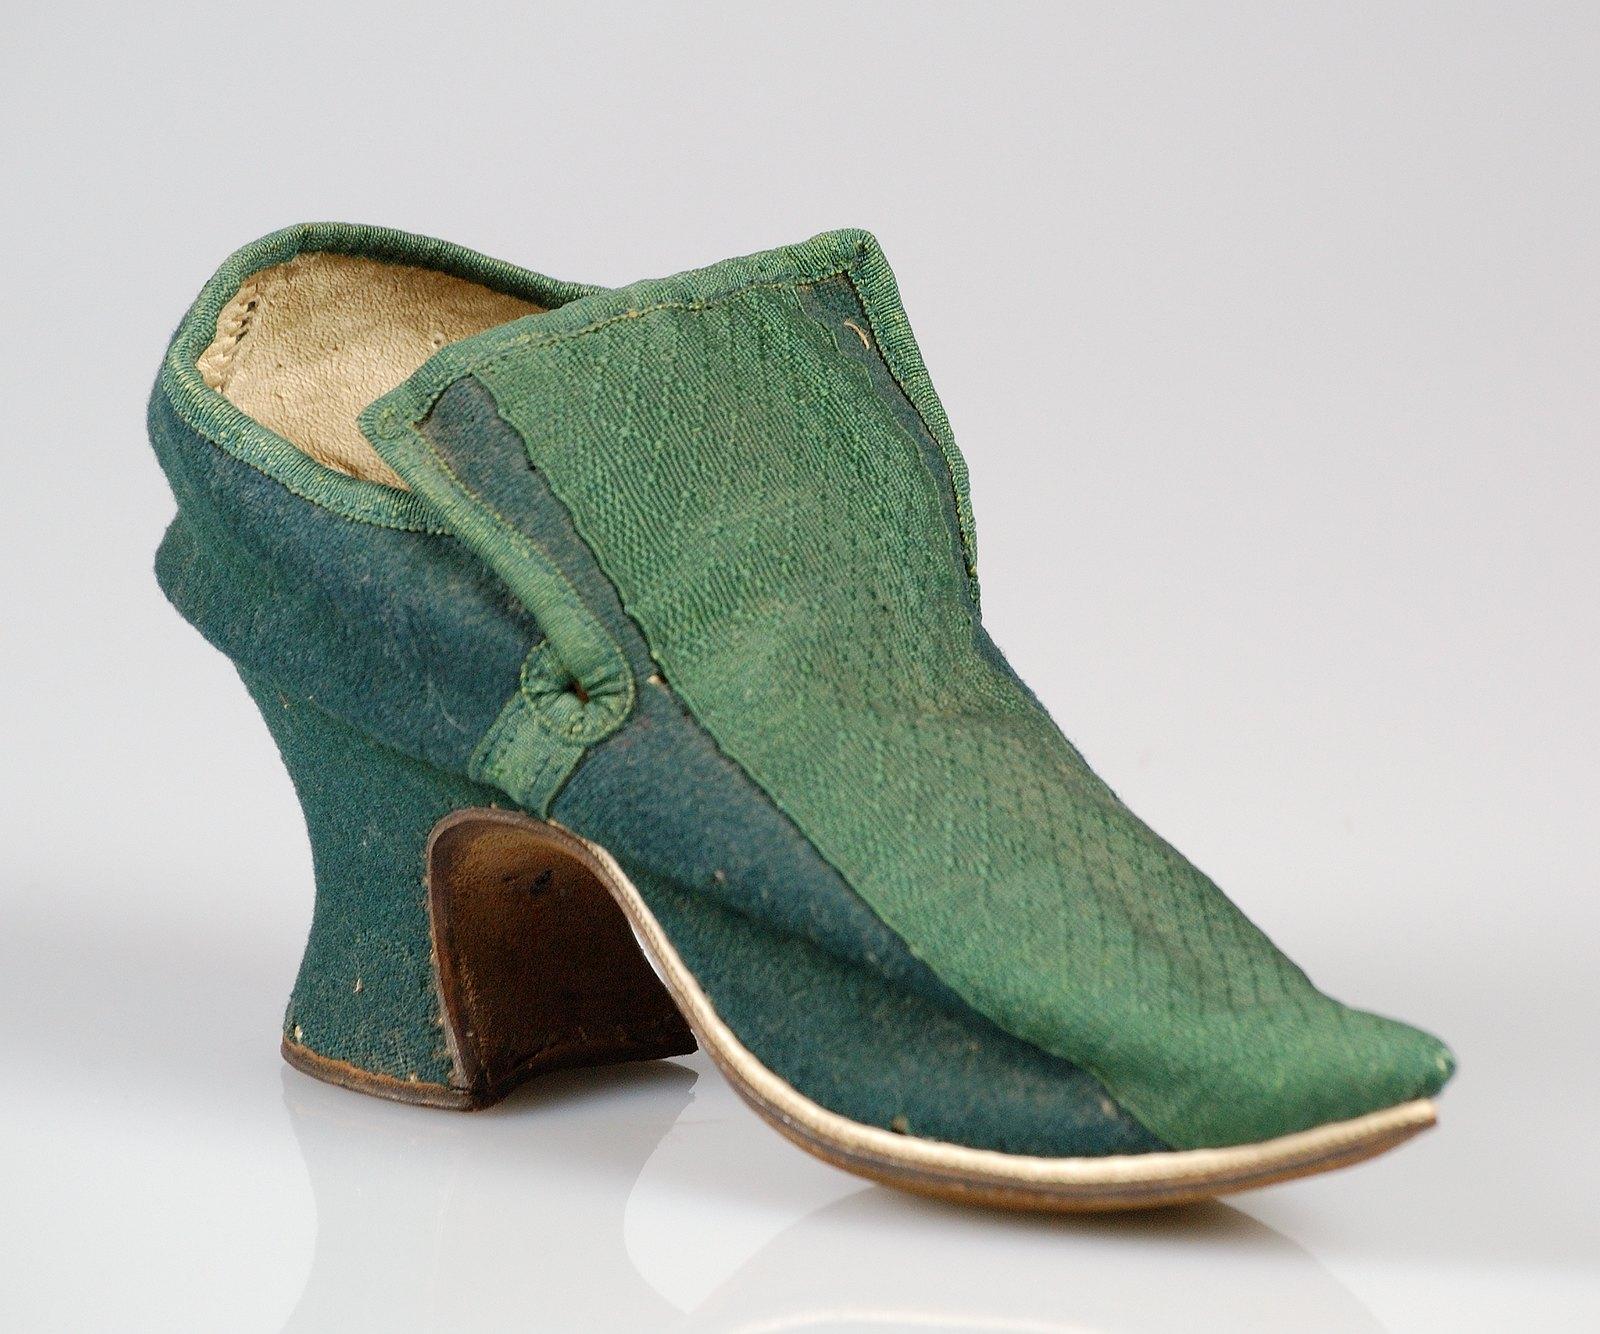 1729. British, Wool